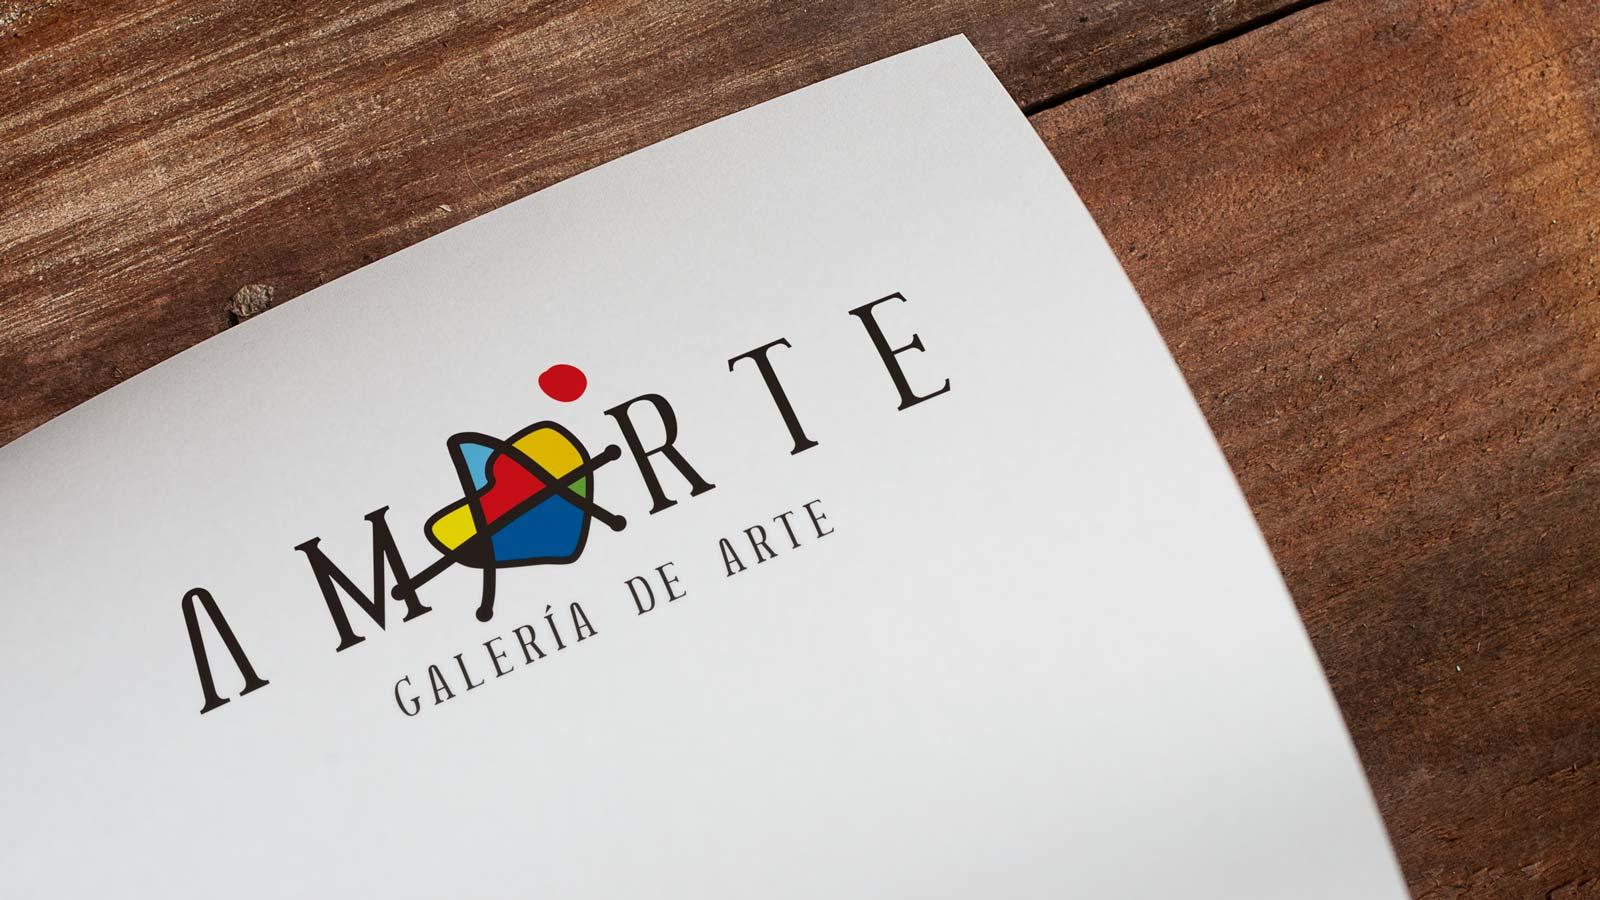 Branding Galería Amarte